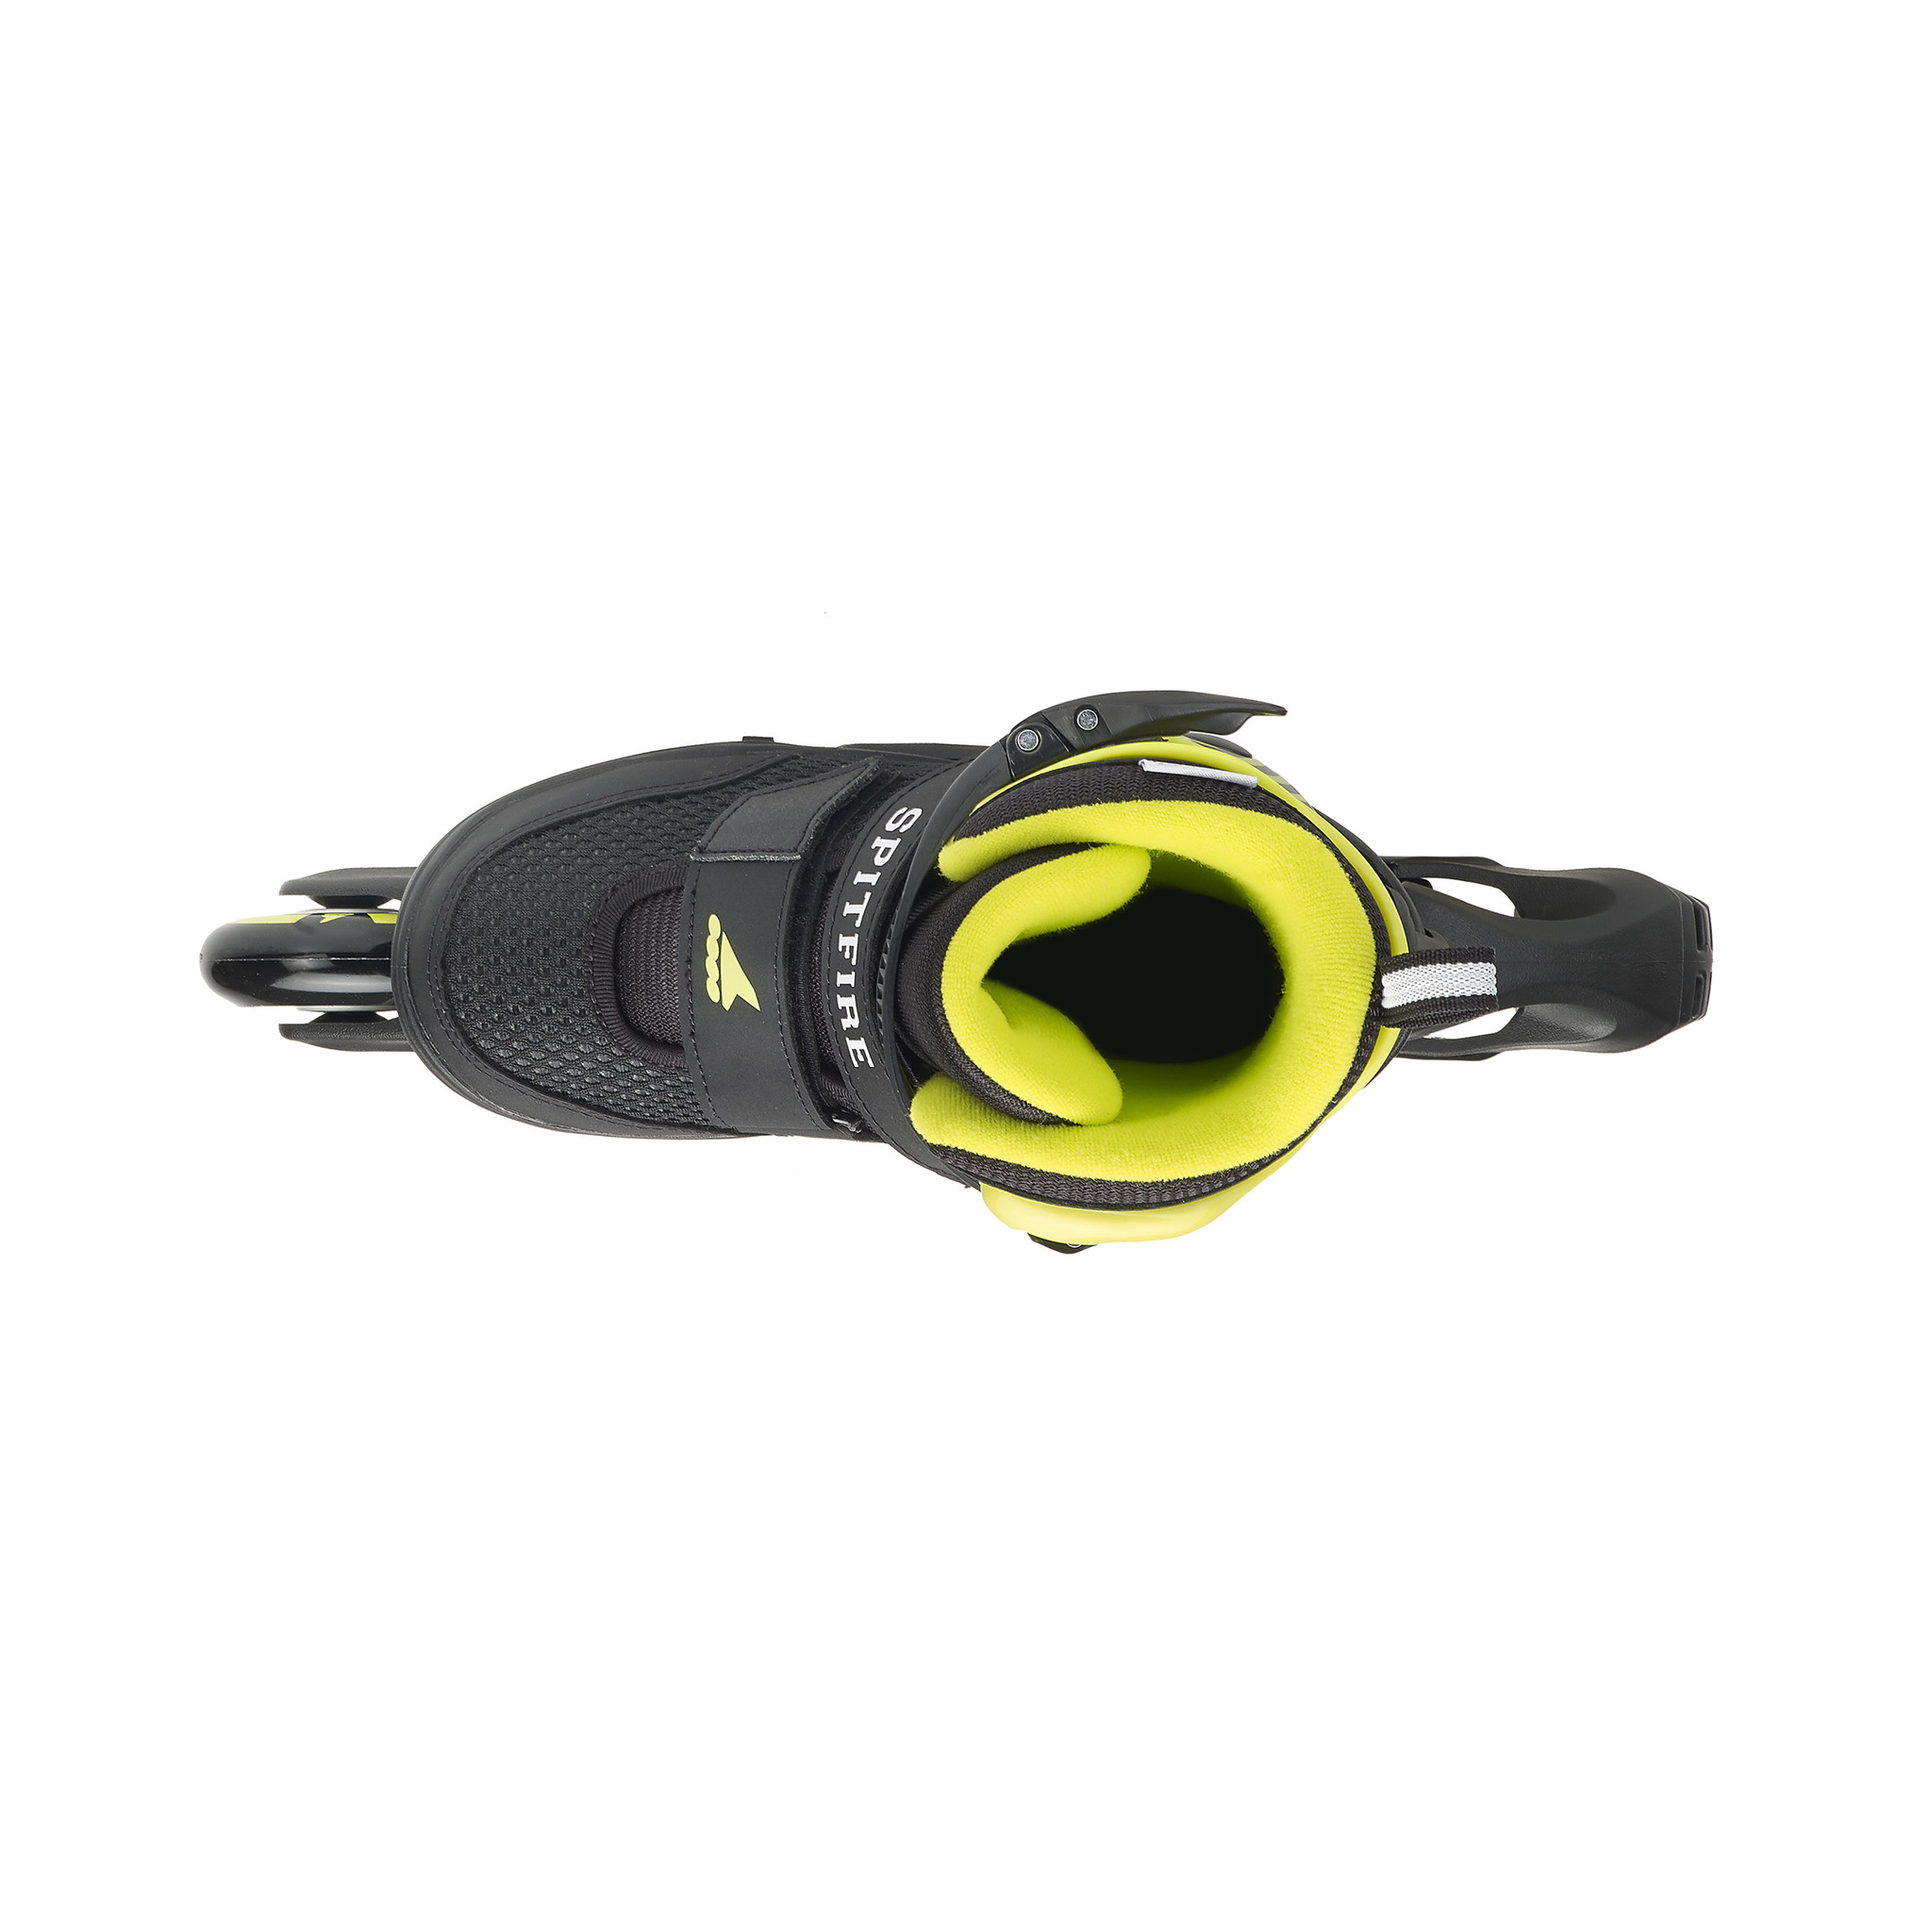 Rollerblade Rollerblade Spitfire SL black/lime